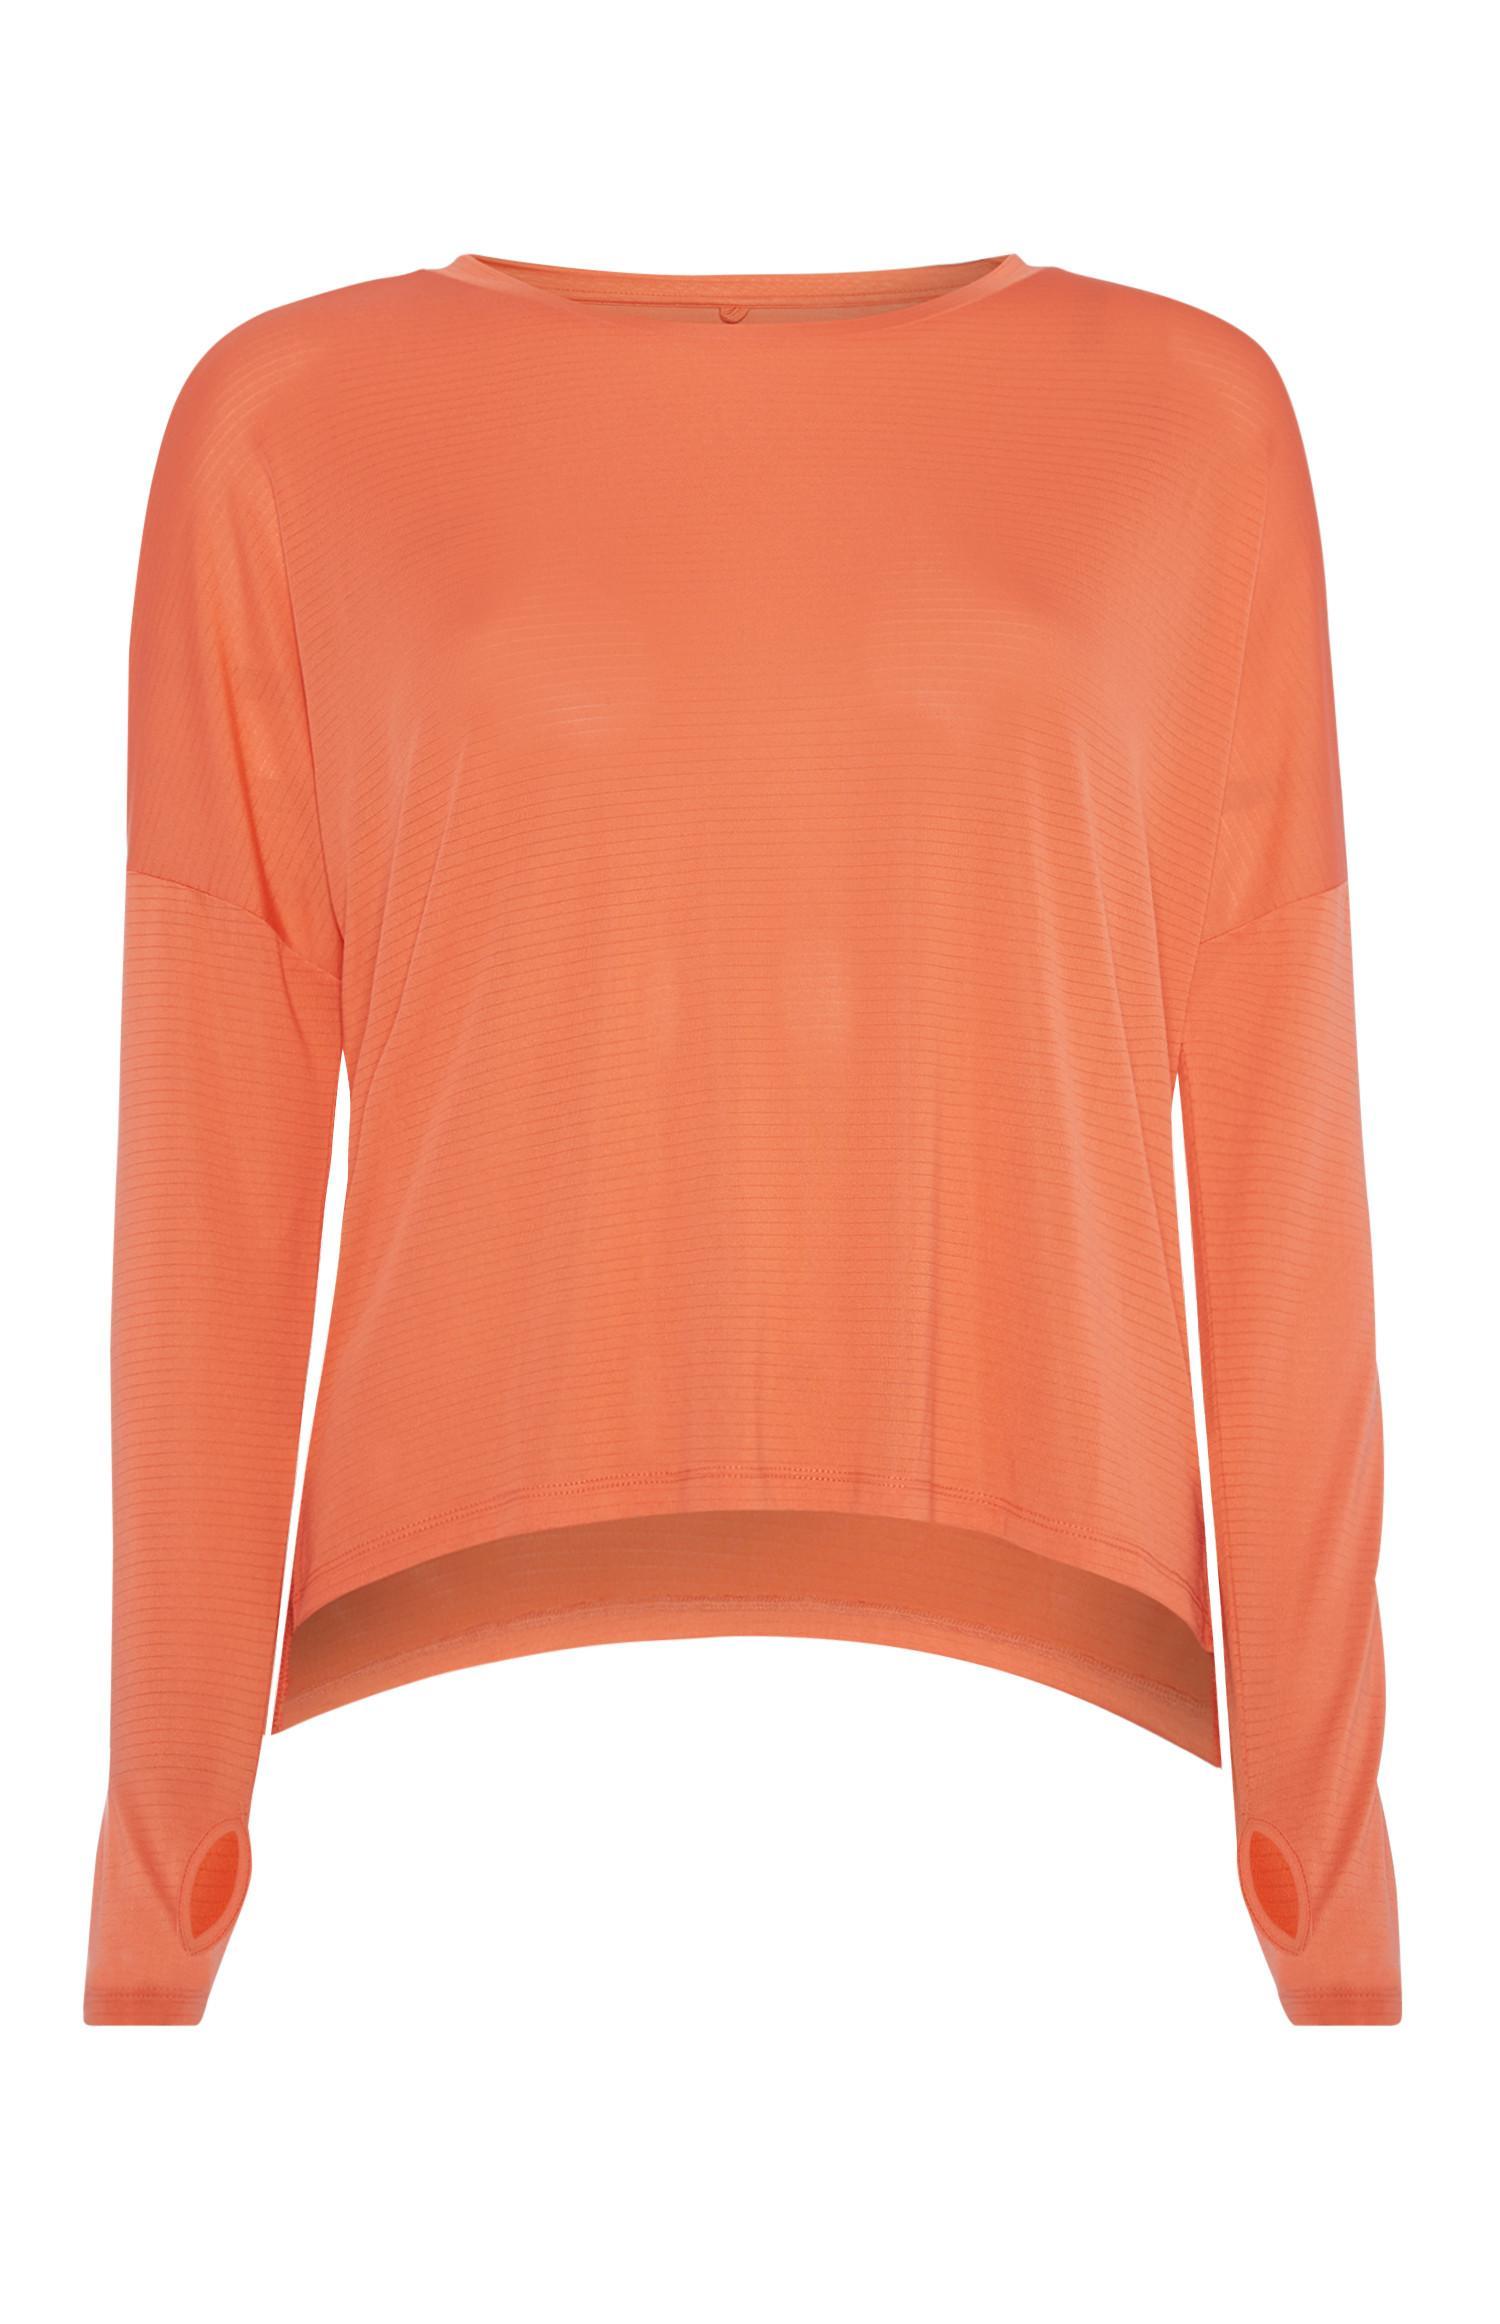 Orange Top T-Shirt